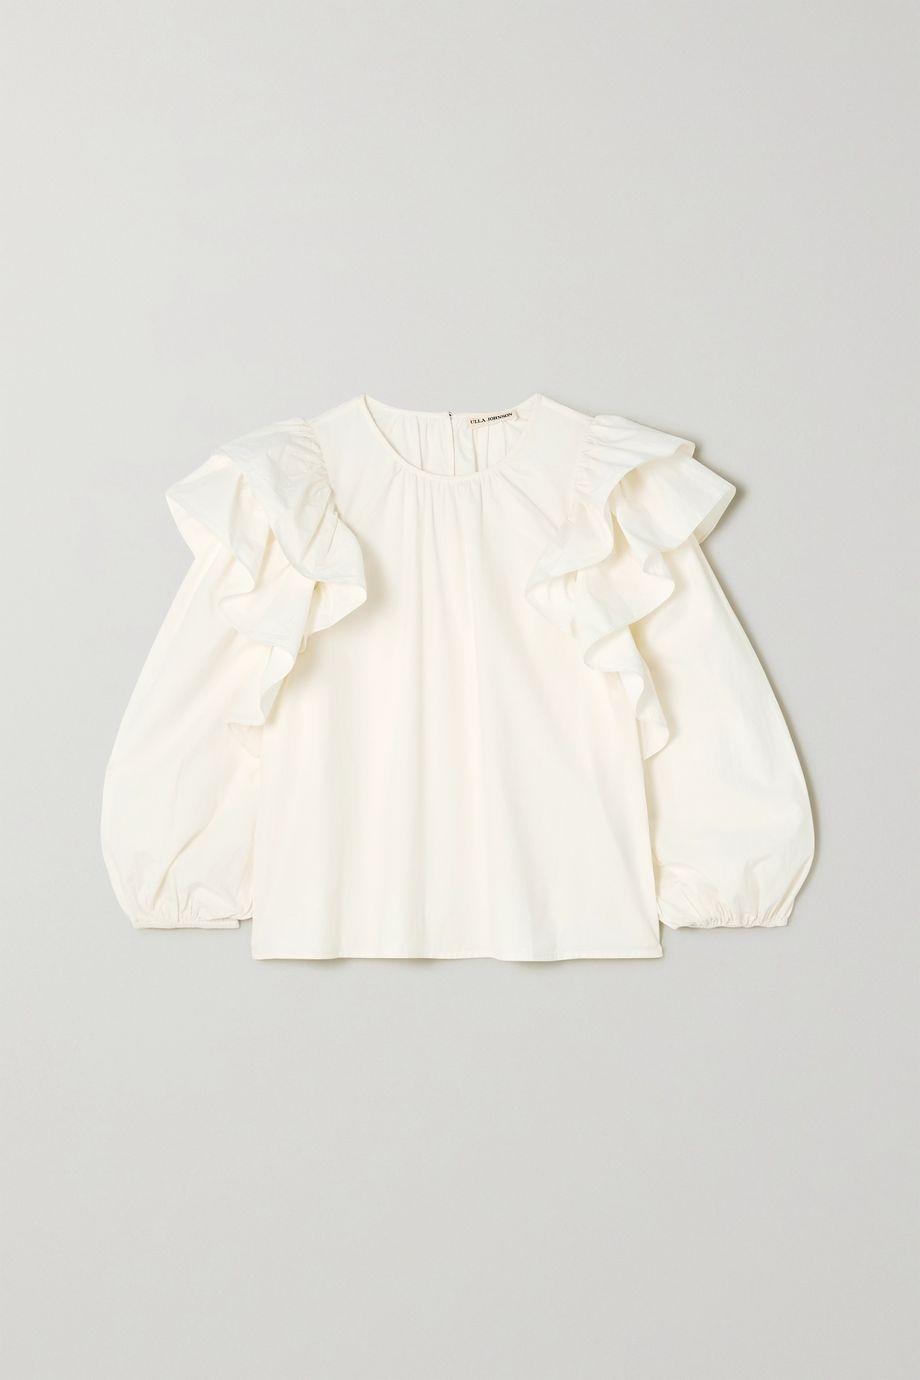 Ulla Johnson Caasi ruffled cotton-poplin blouse